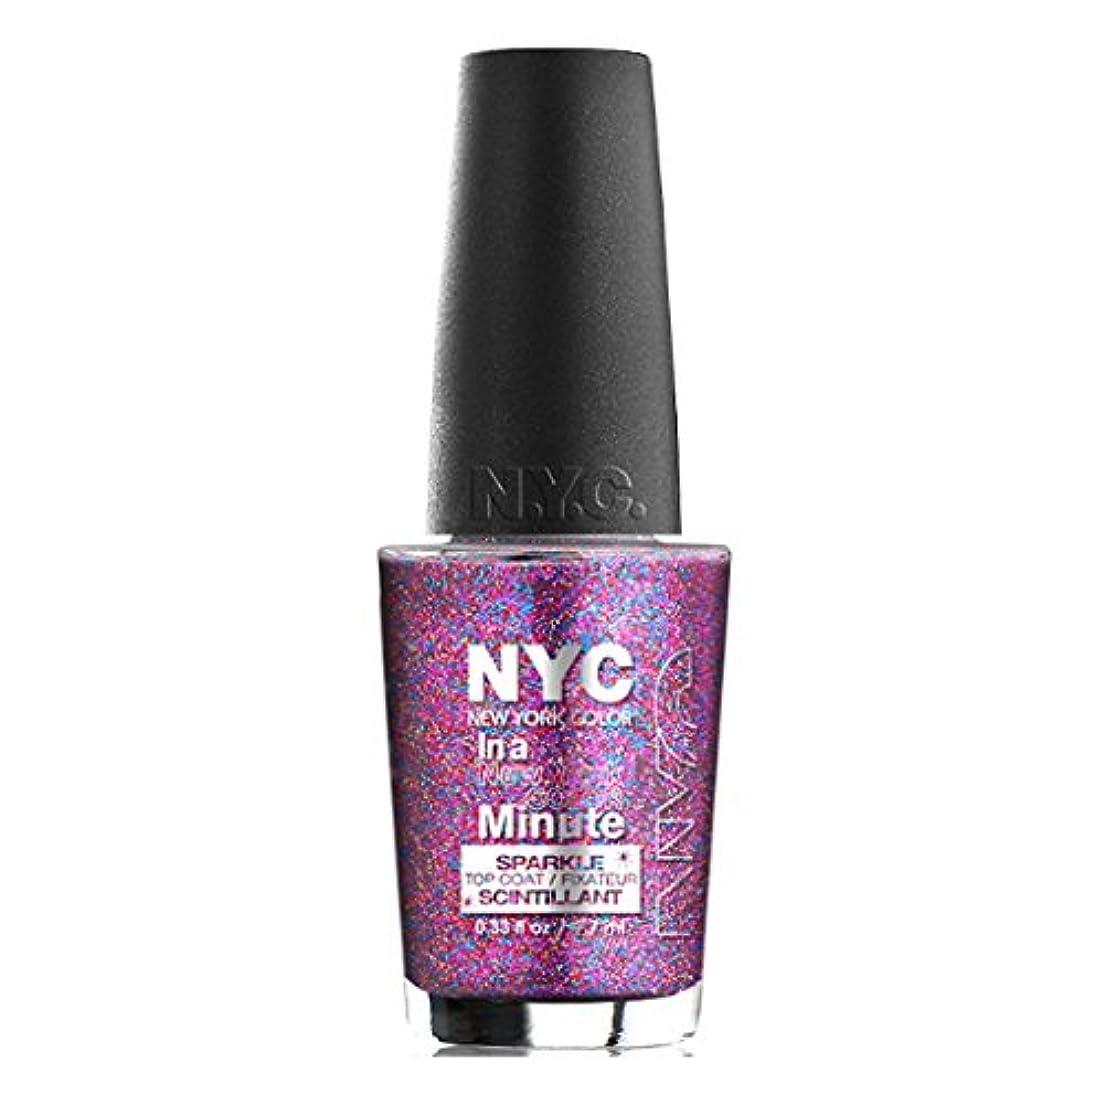 ラケット光景犬NYC In A New York Color Minute Sparkle Top Coat Big City Dazzle (並行輸入品)